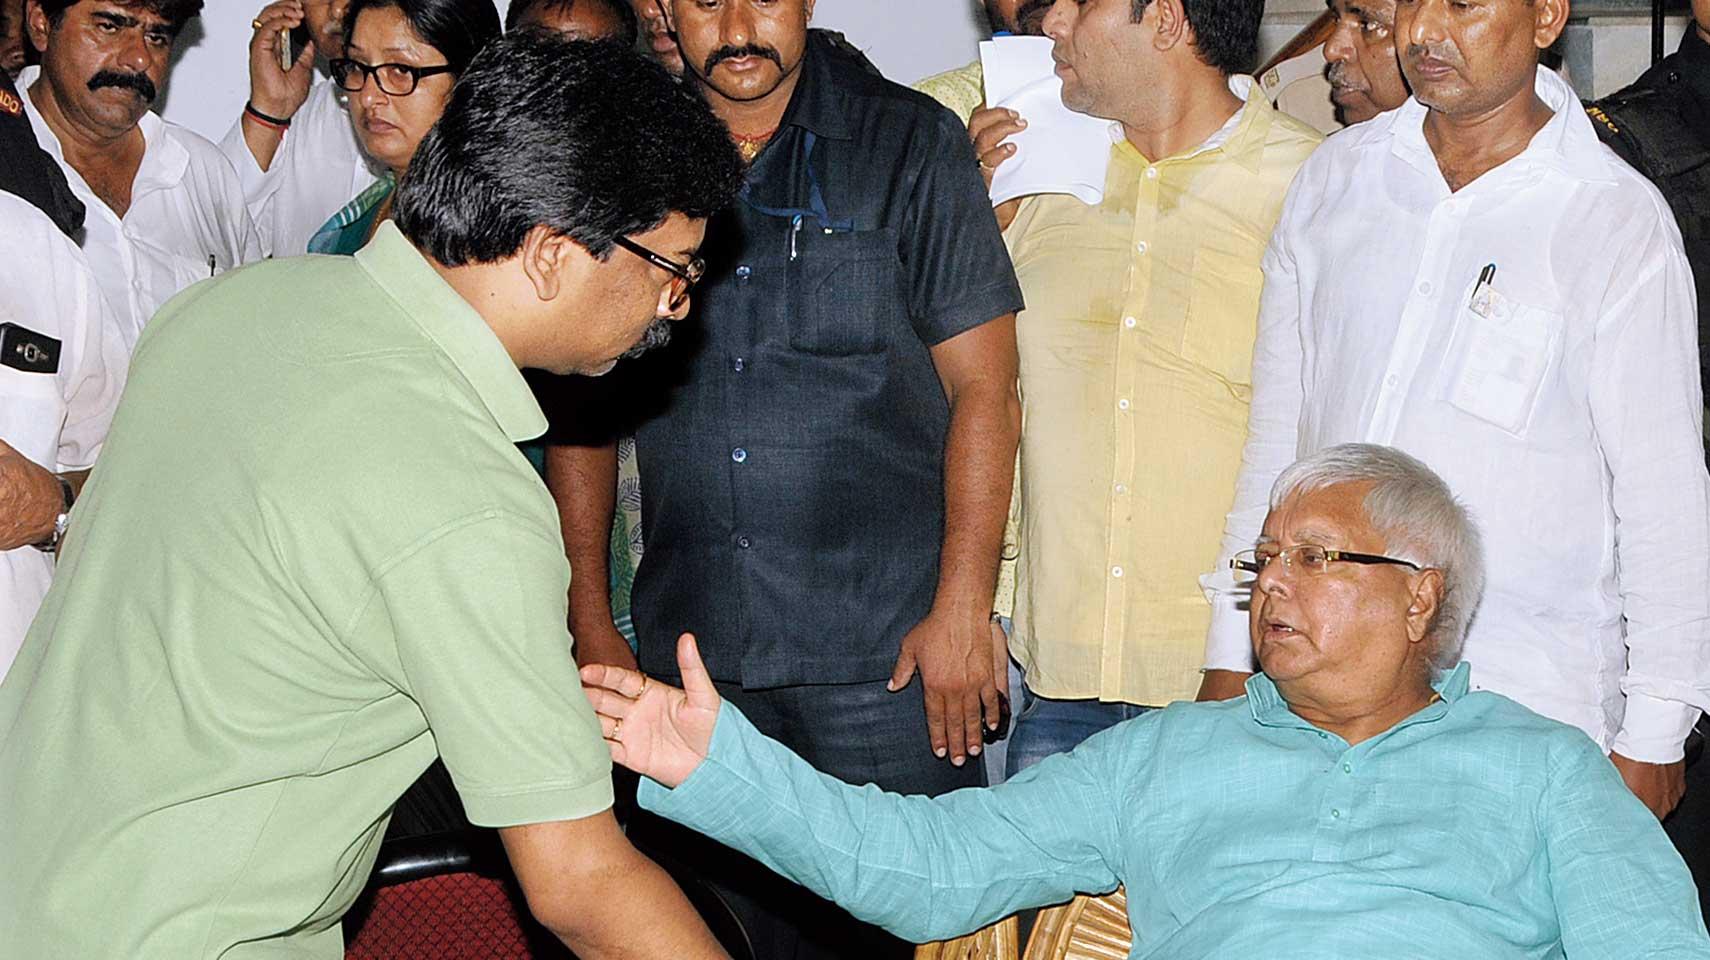 Hemant meets Lalu Prasad at Ranchi .